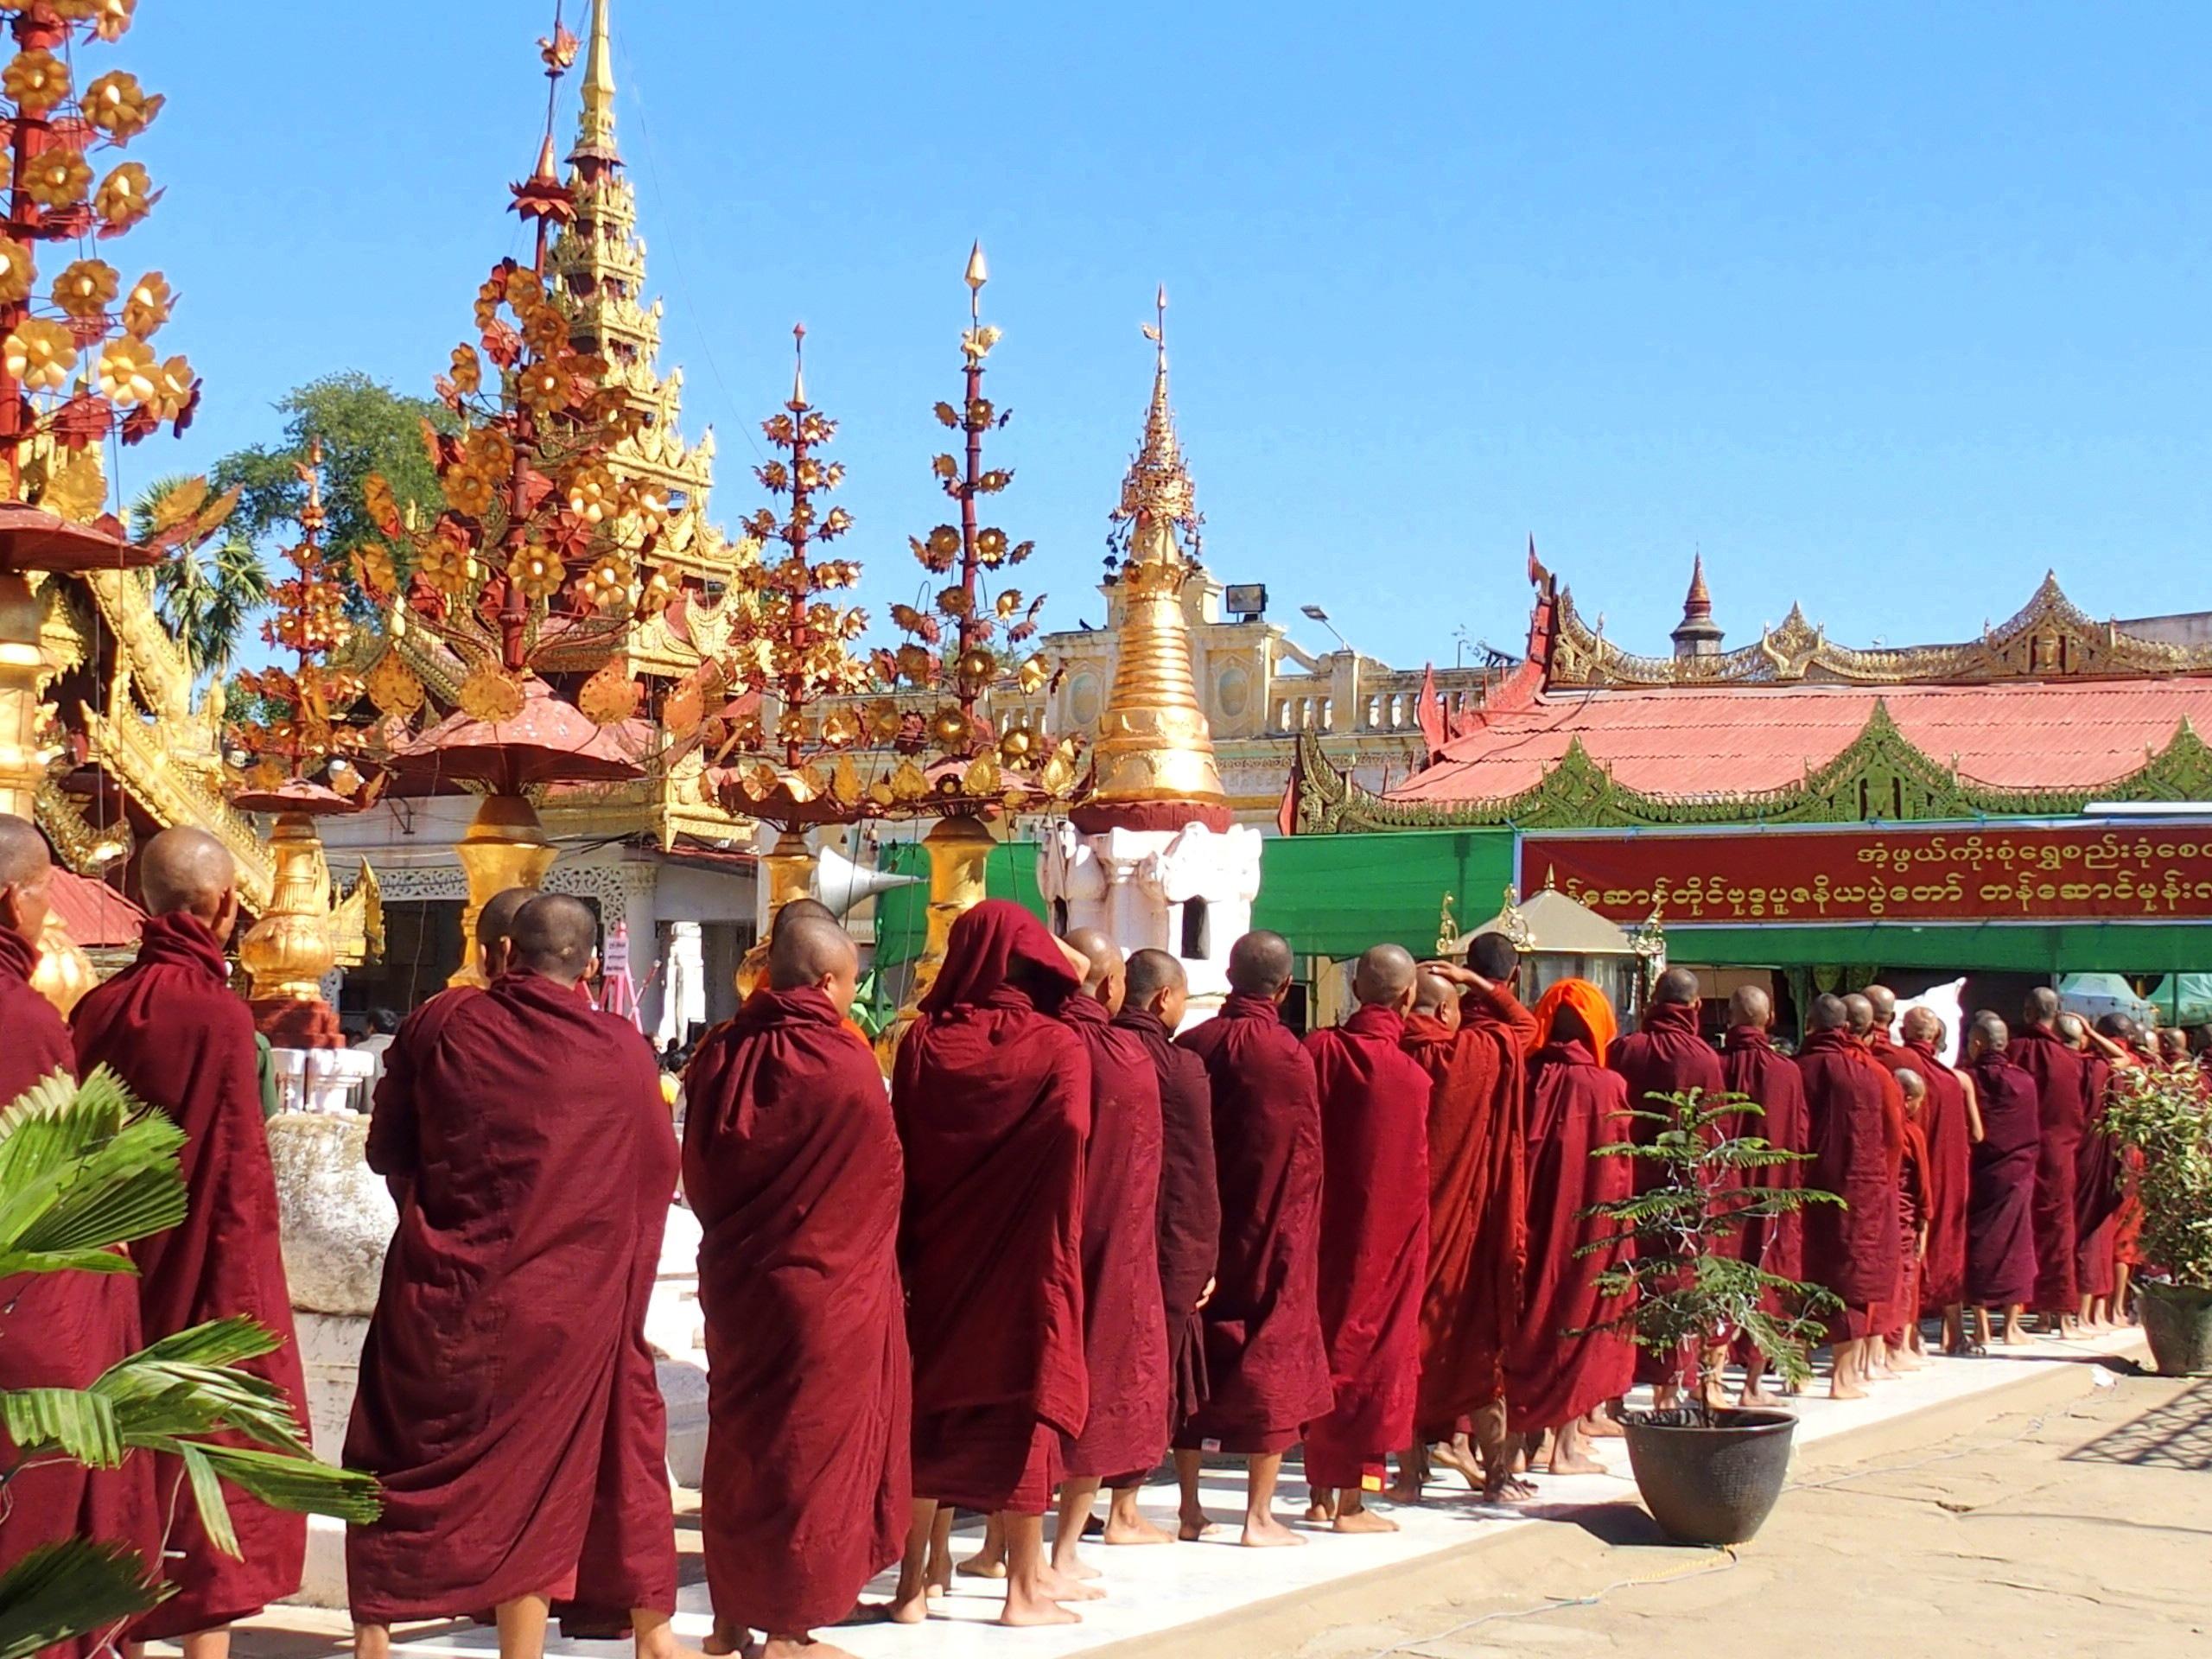 Défilé-de-moines-à-Shwezigon-Bagan-Myanmar.